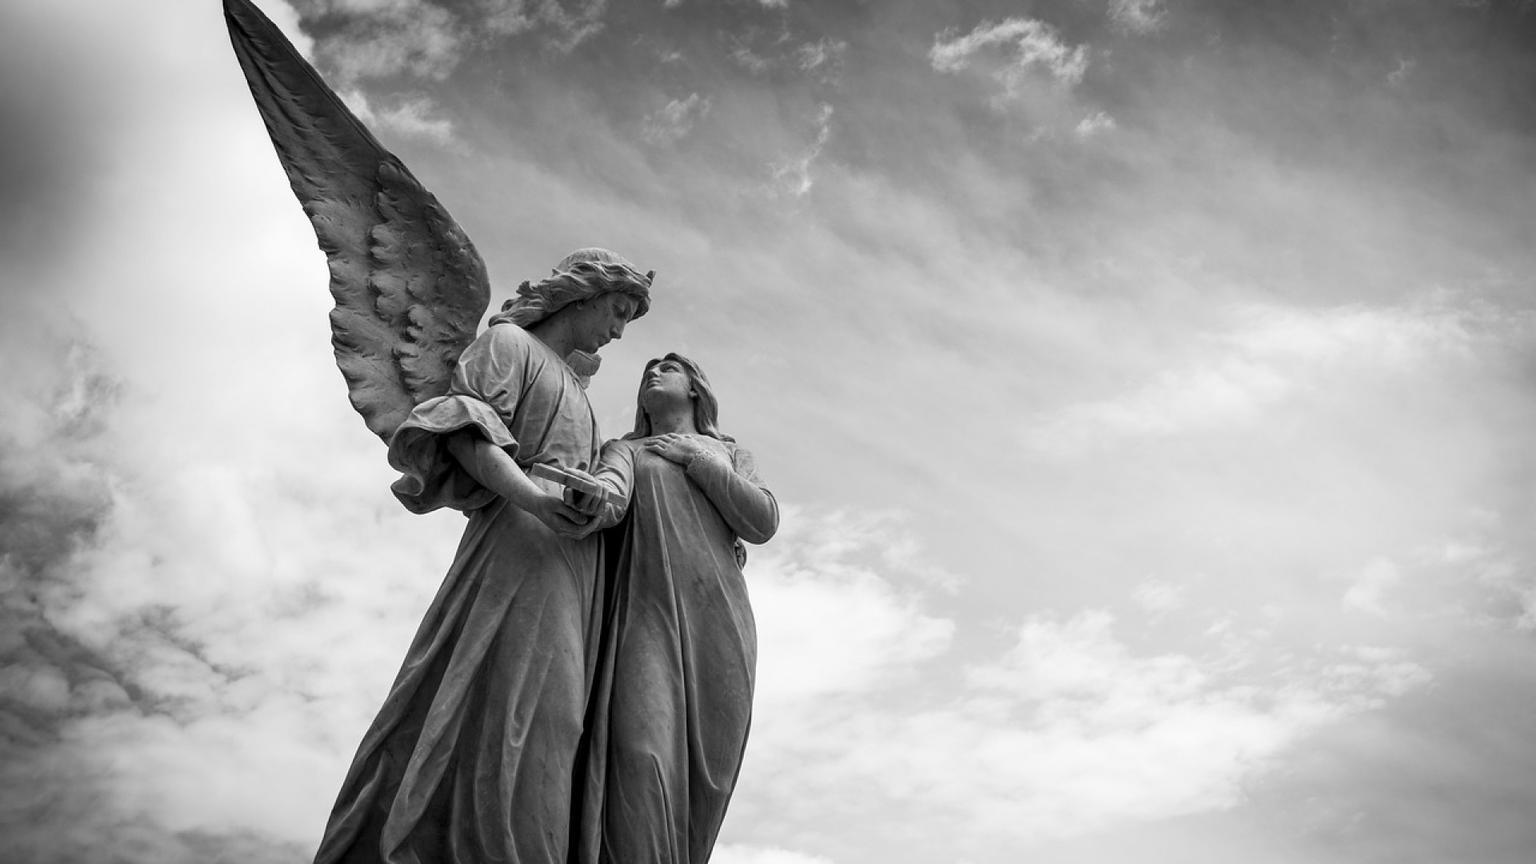 Астрологи говорят, что каждого из нас защищают 2 ангела-хранителя. Какие - вас